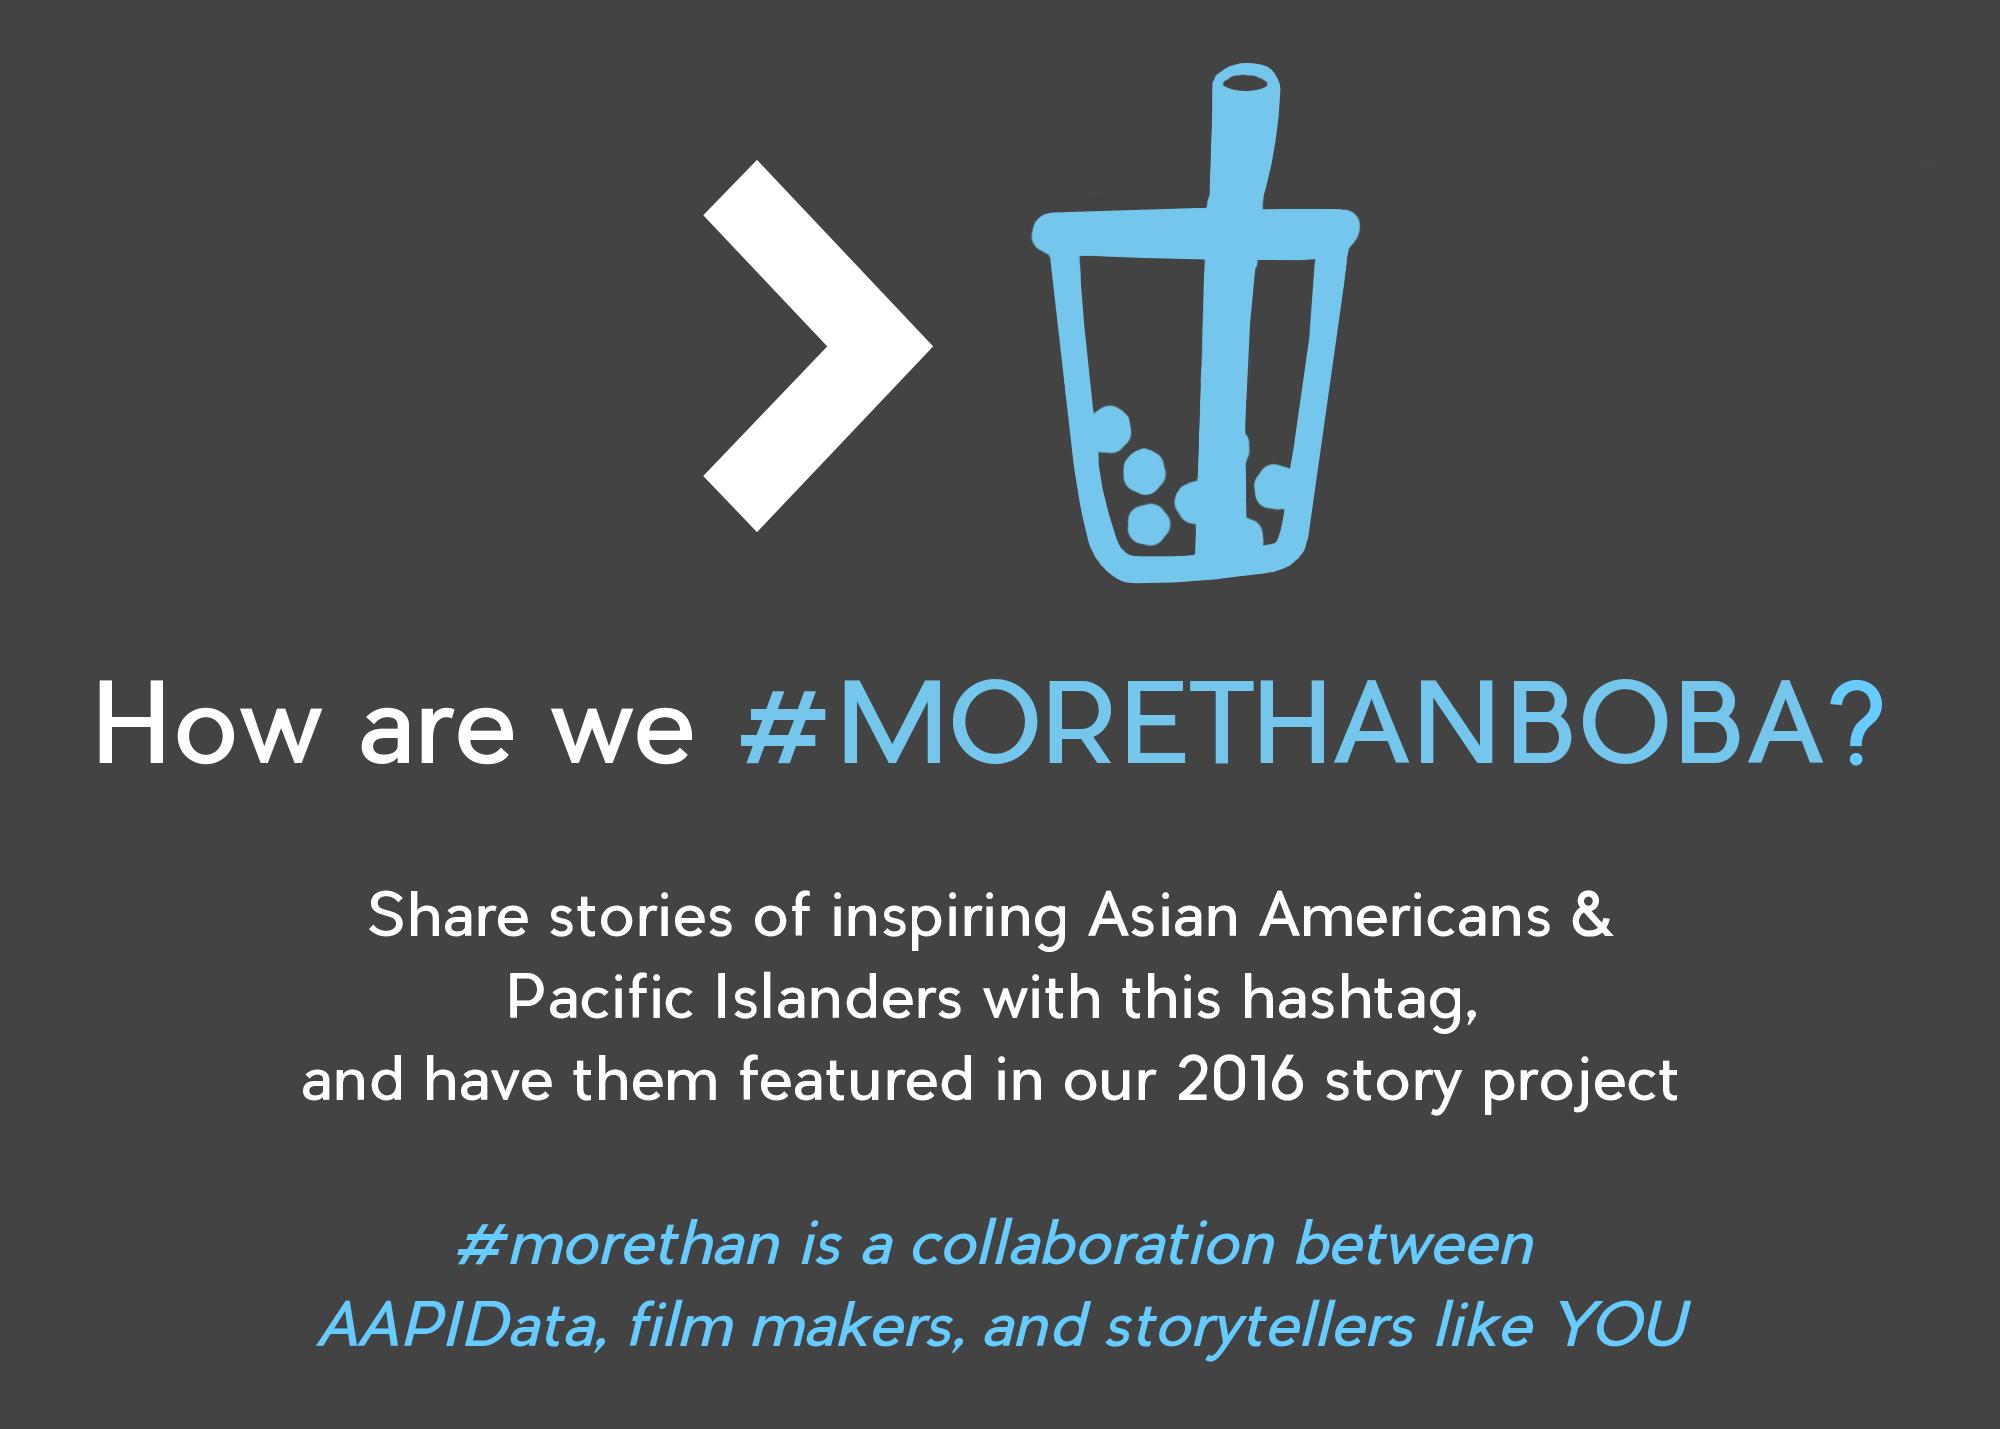 morethanboba-share